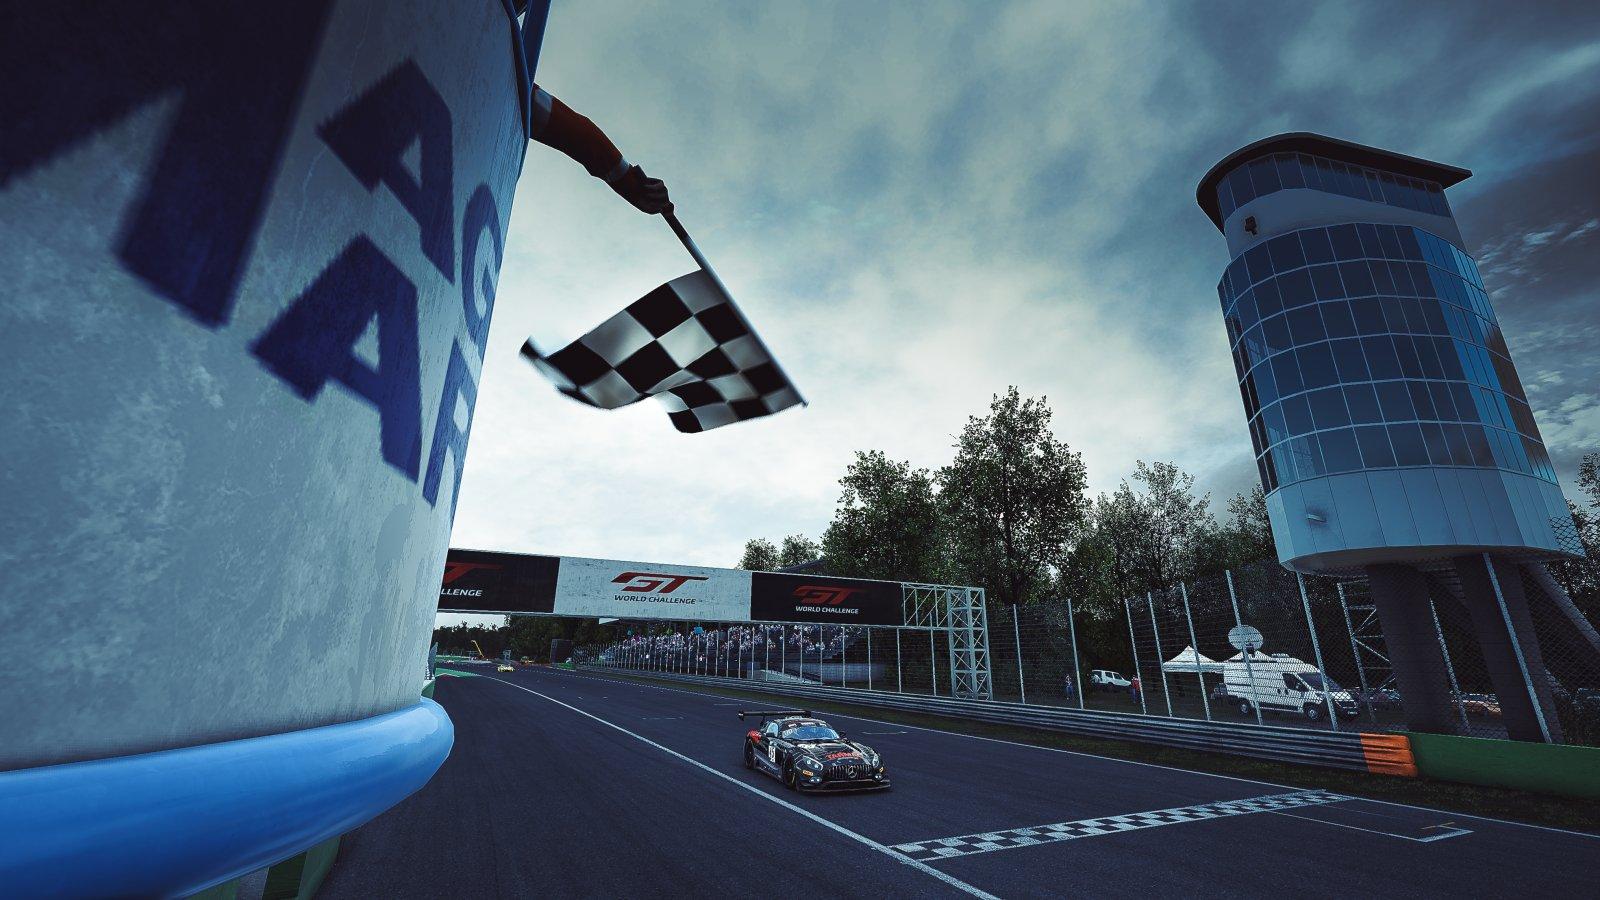 Esports R1 - Monza - Duvashen Padayachee Mercedes-AMG GT3 Tarmac eMotorsports 45 AUS PRO